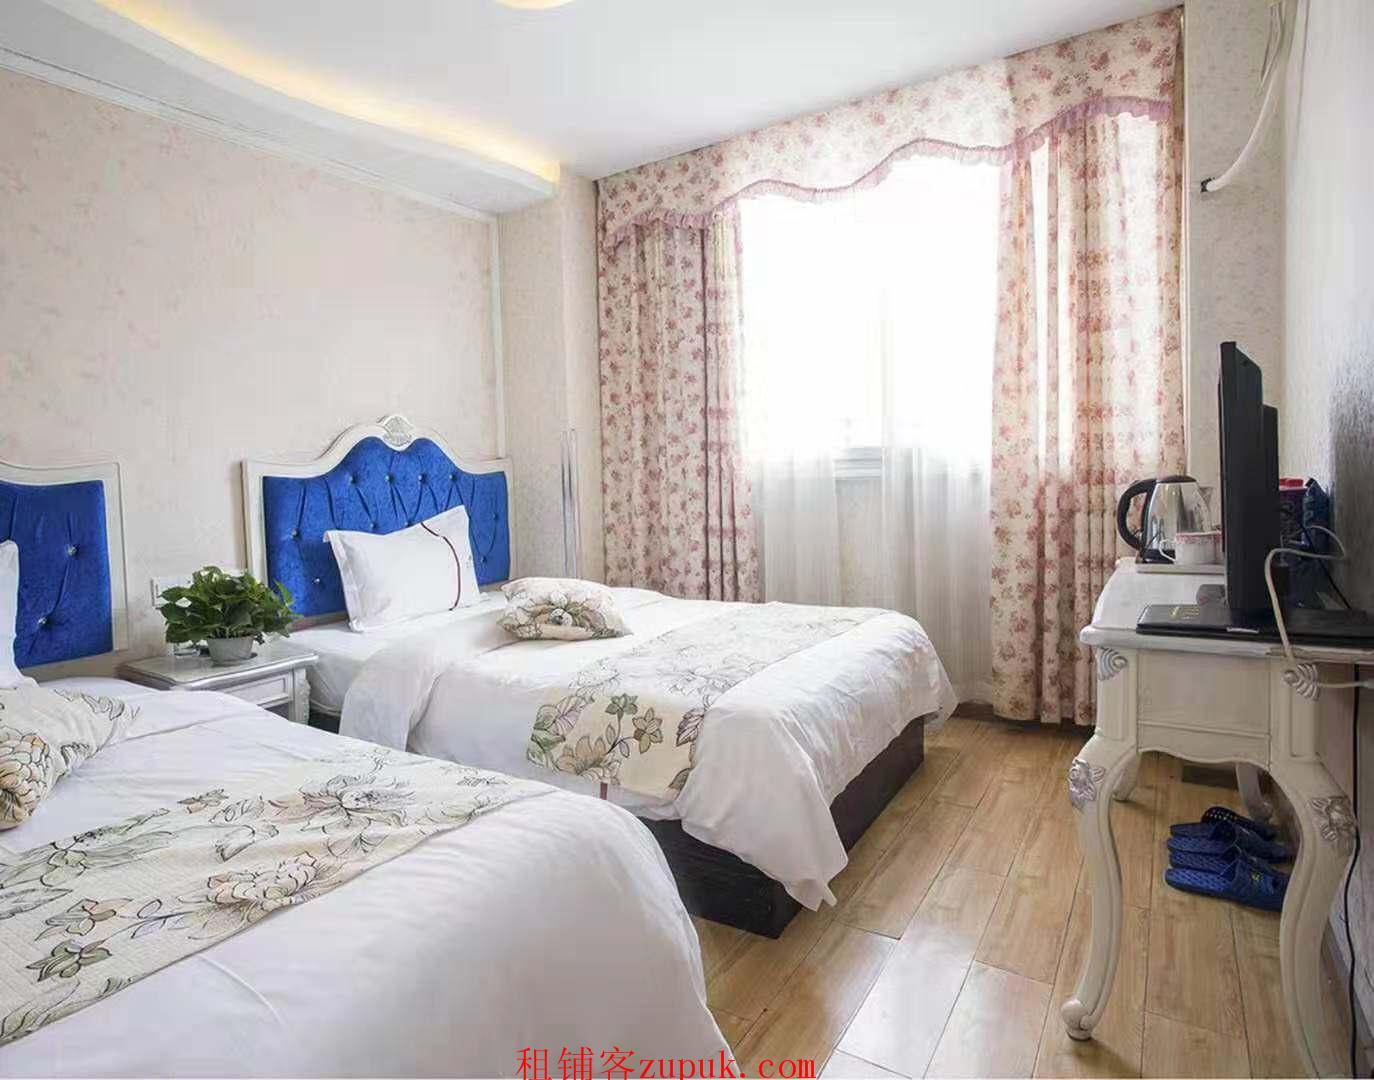 SDS个人 南坪万达 50个房间特美思酒店宾馆 急转